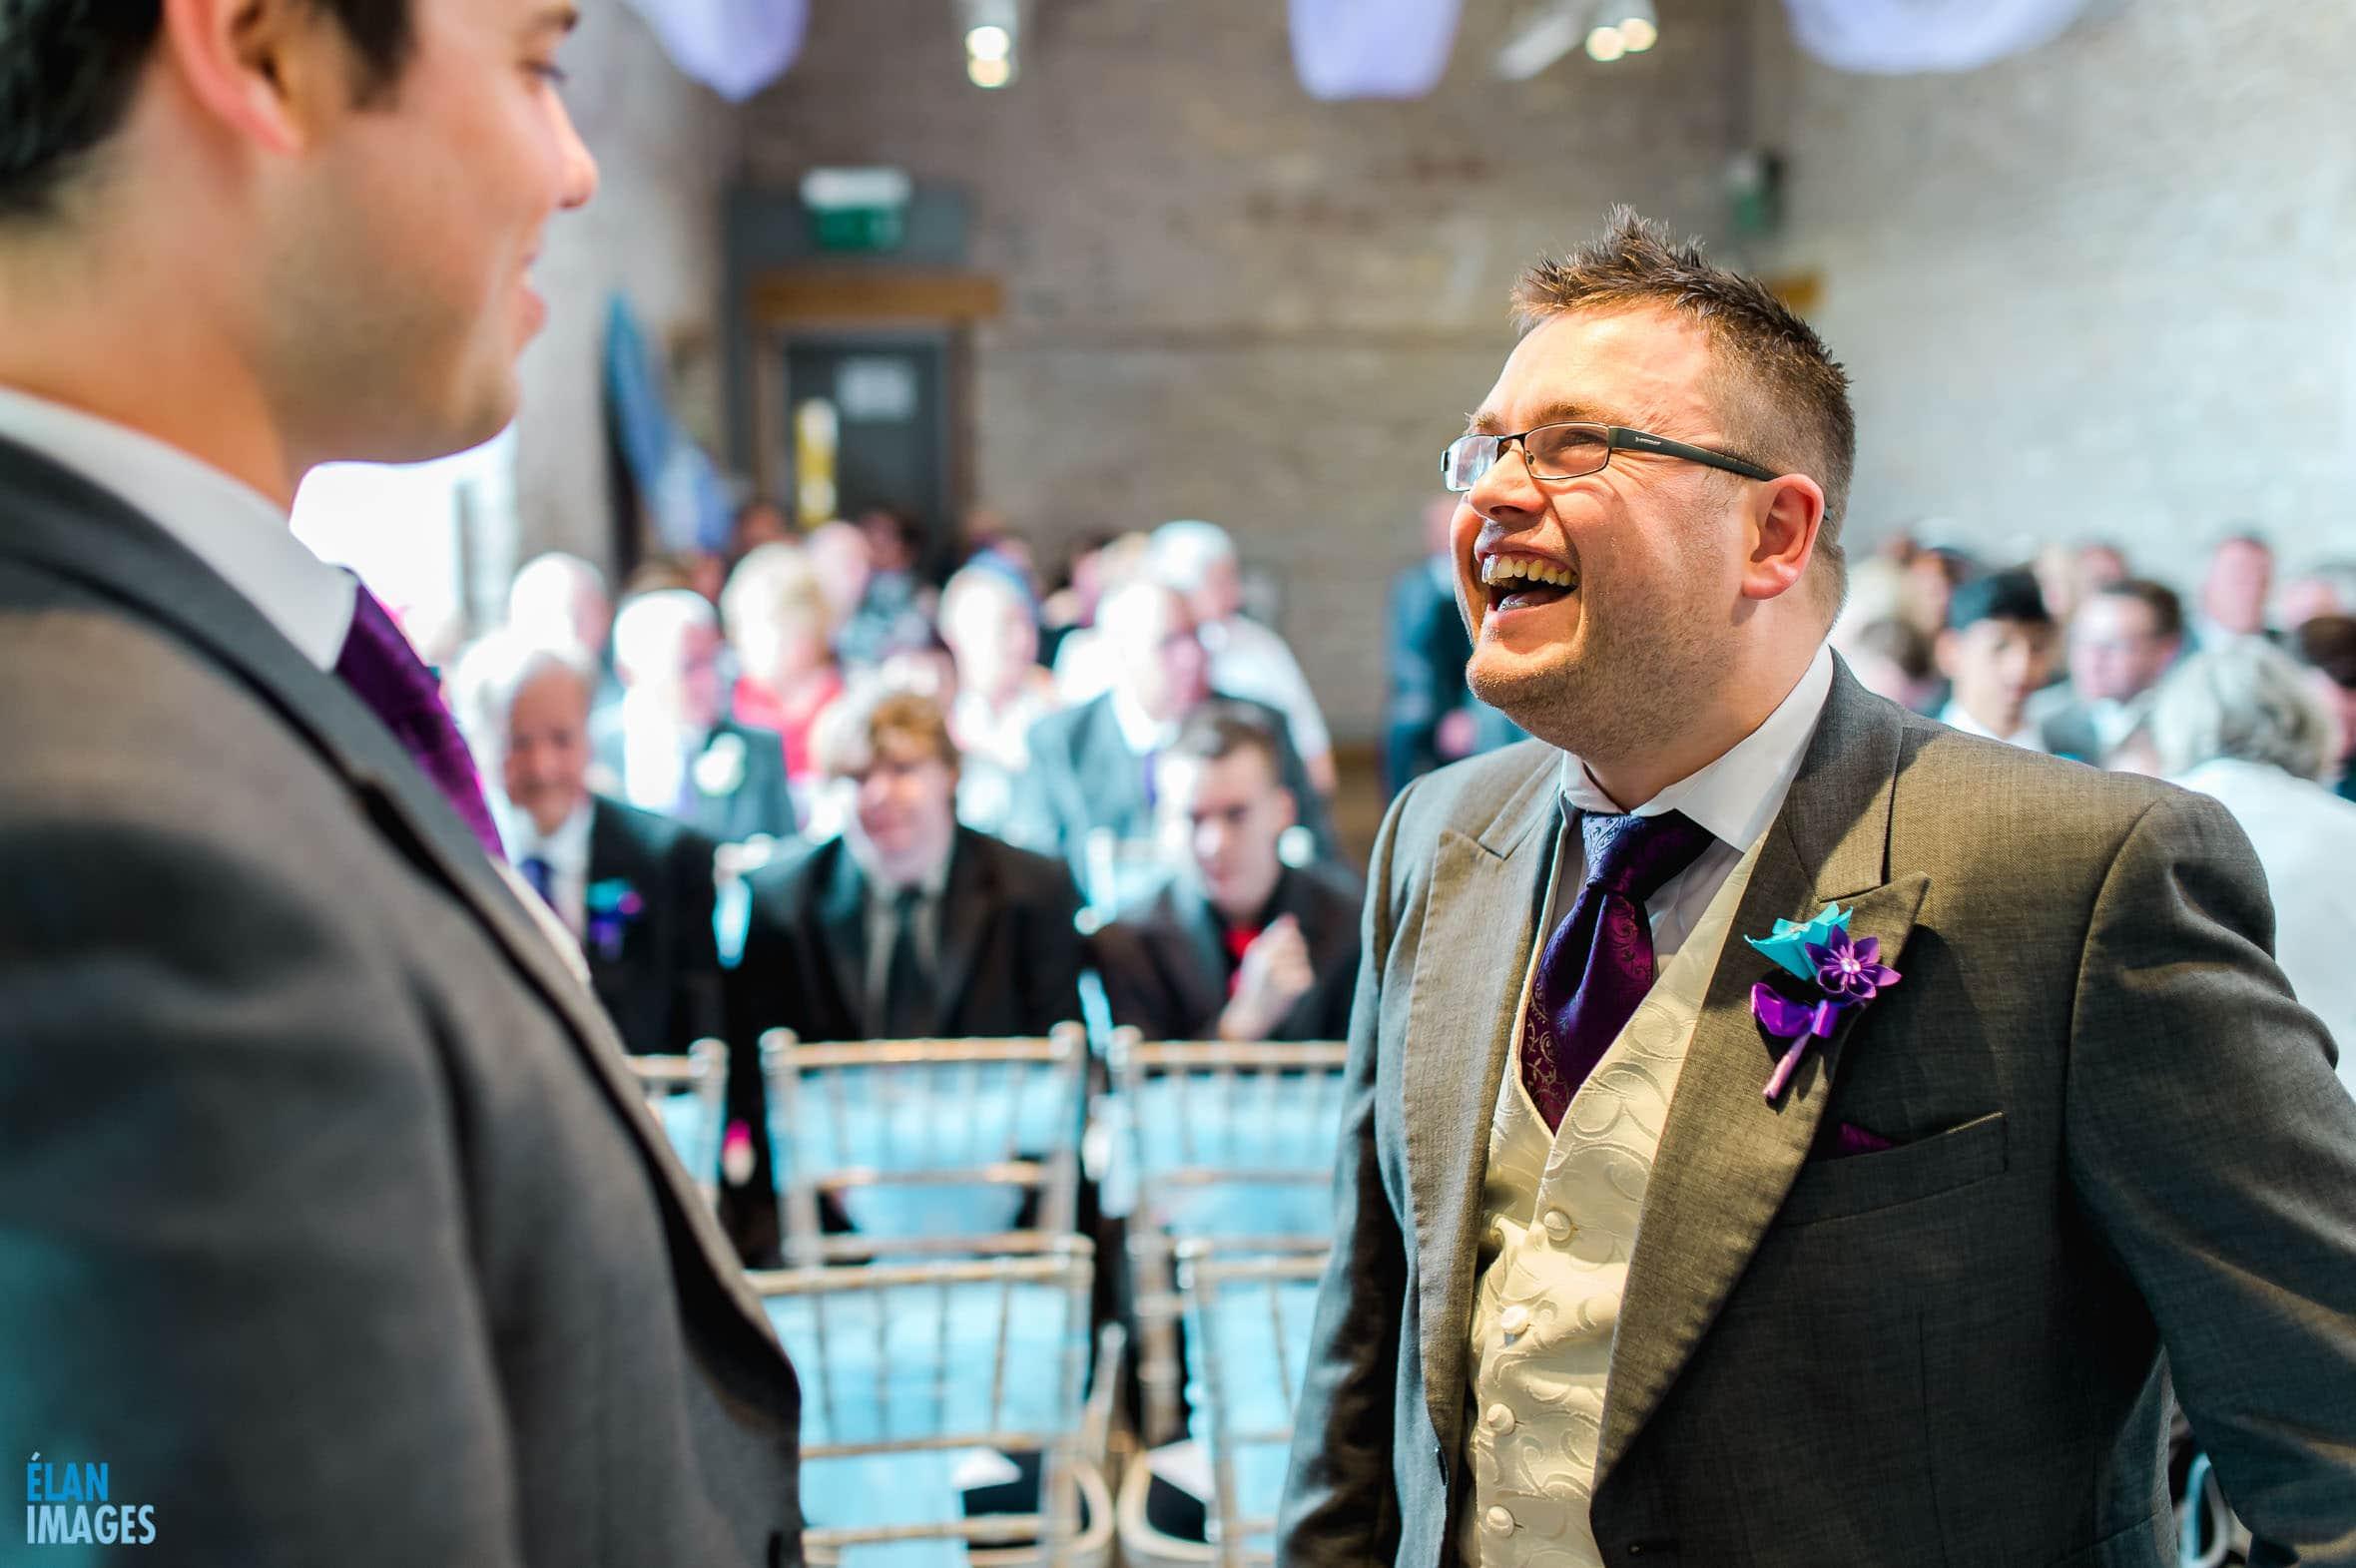 Summer Wedding at the Folly Farm Centre, Pensford 25